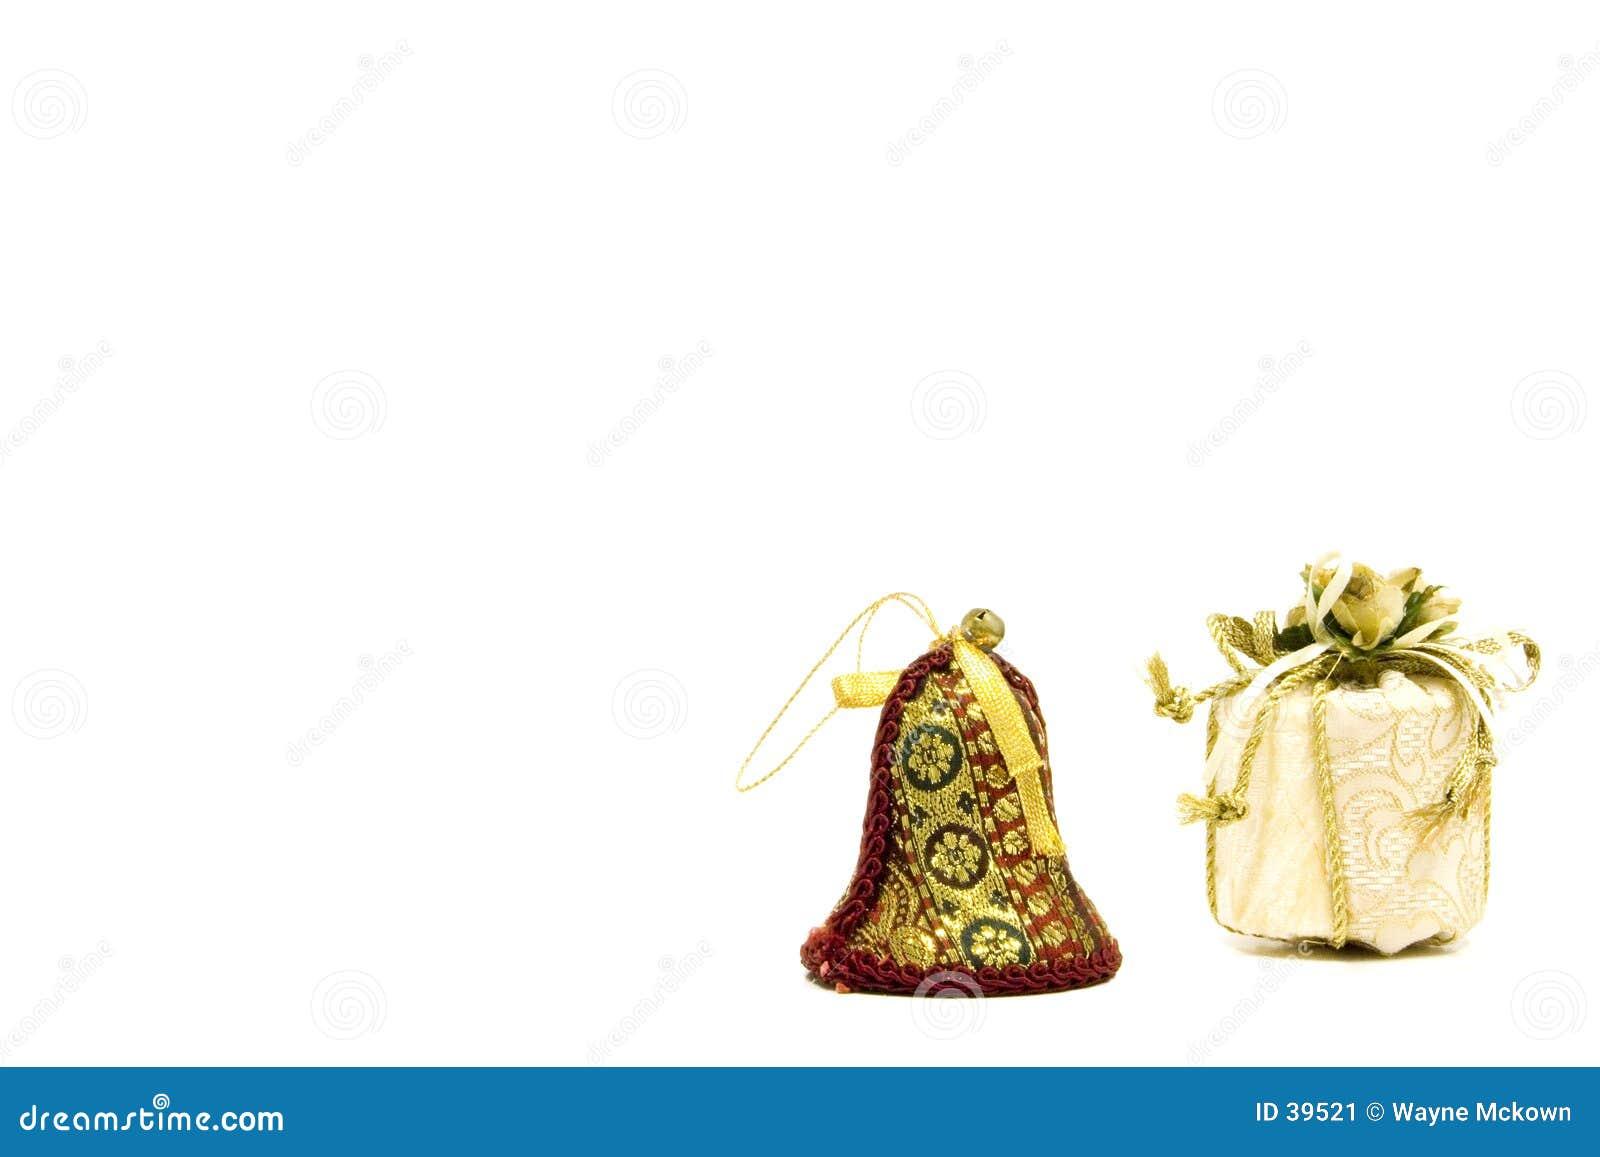 De decoratie van Kerstmis.